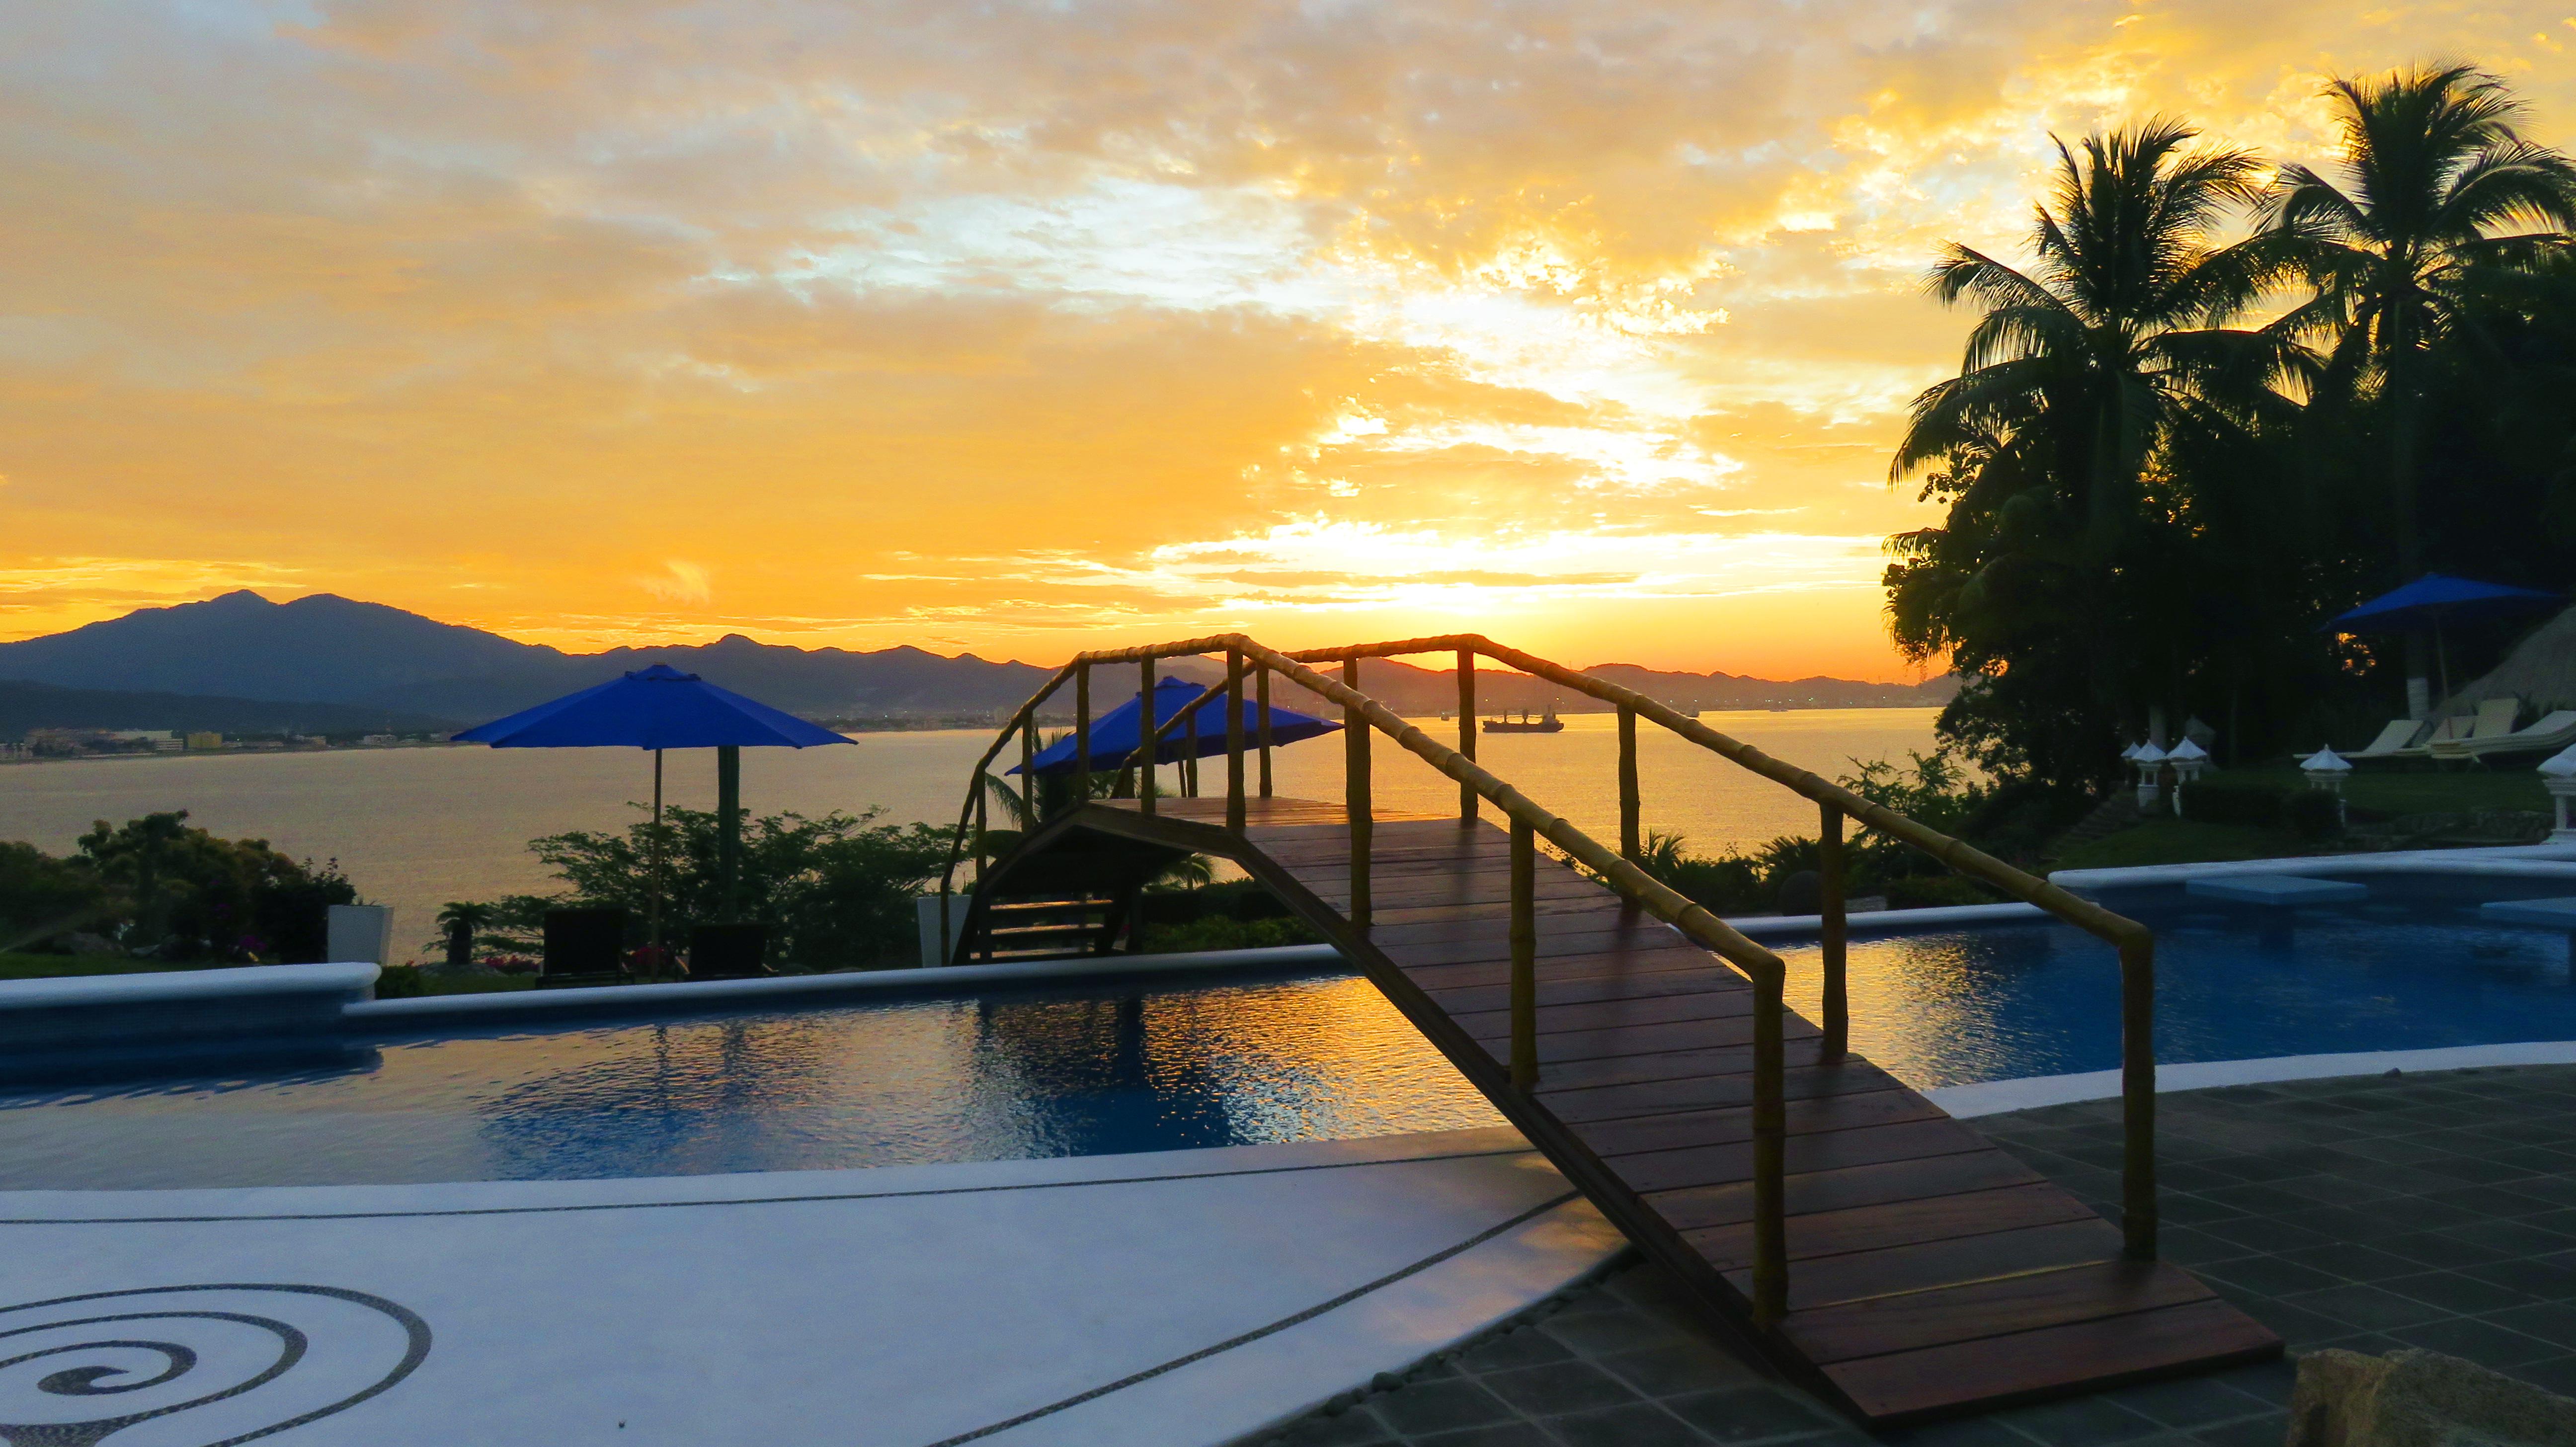 sunrise-pool